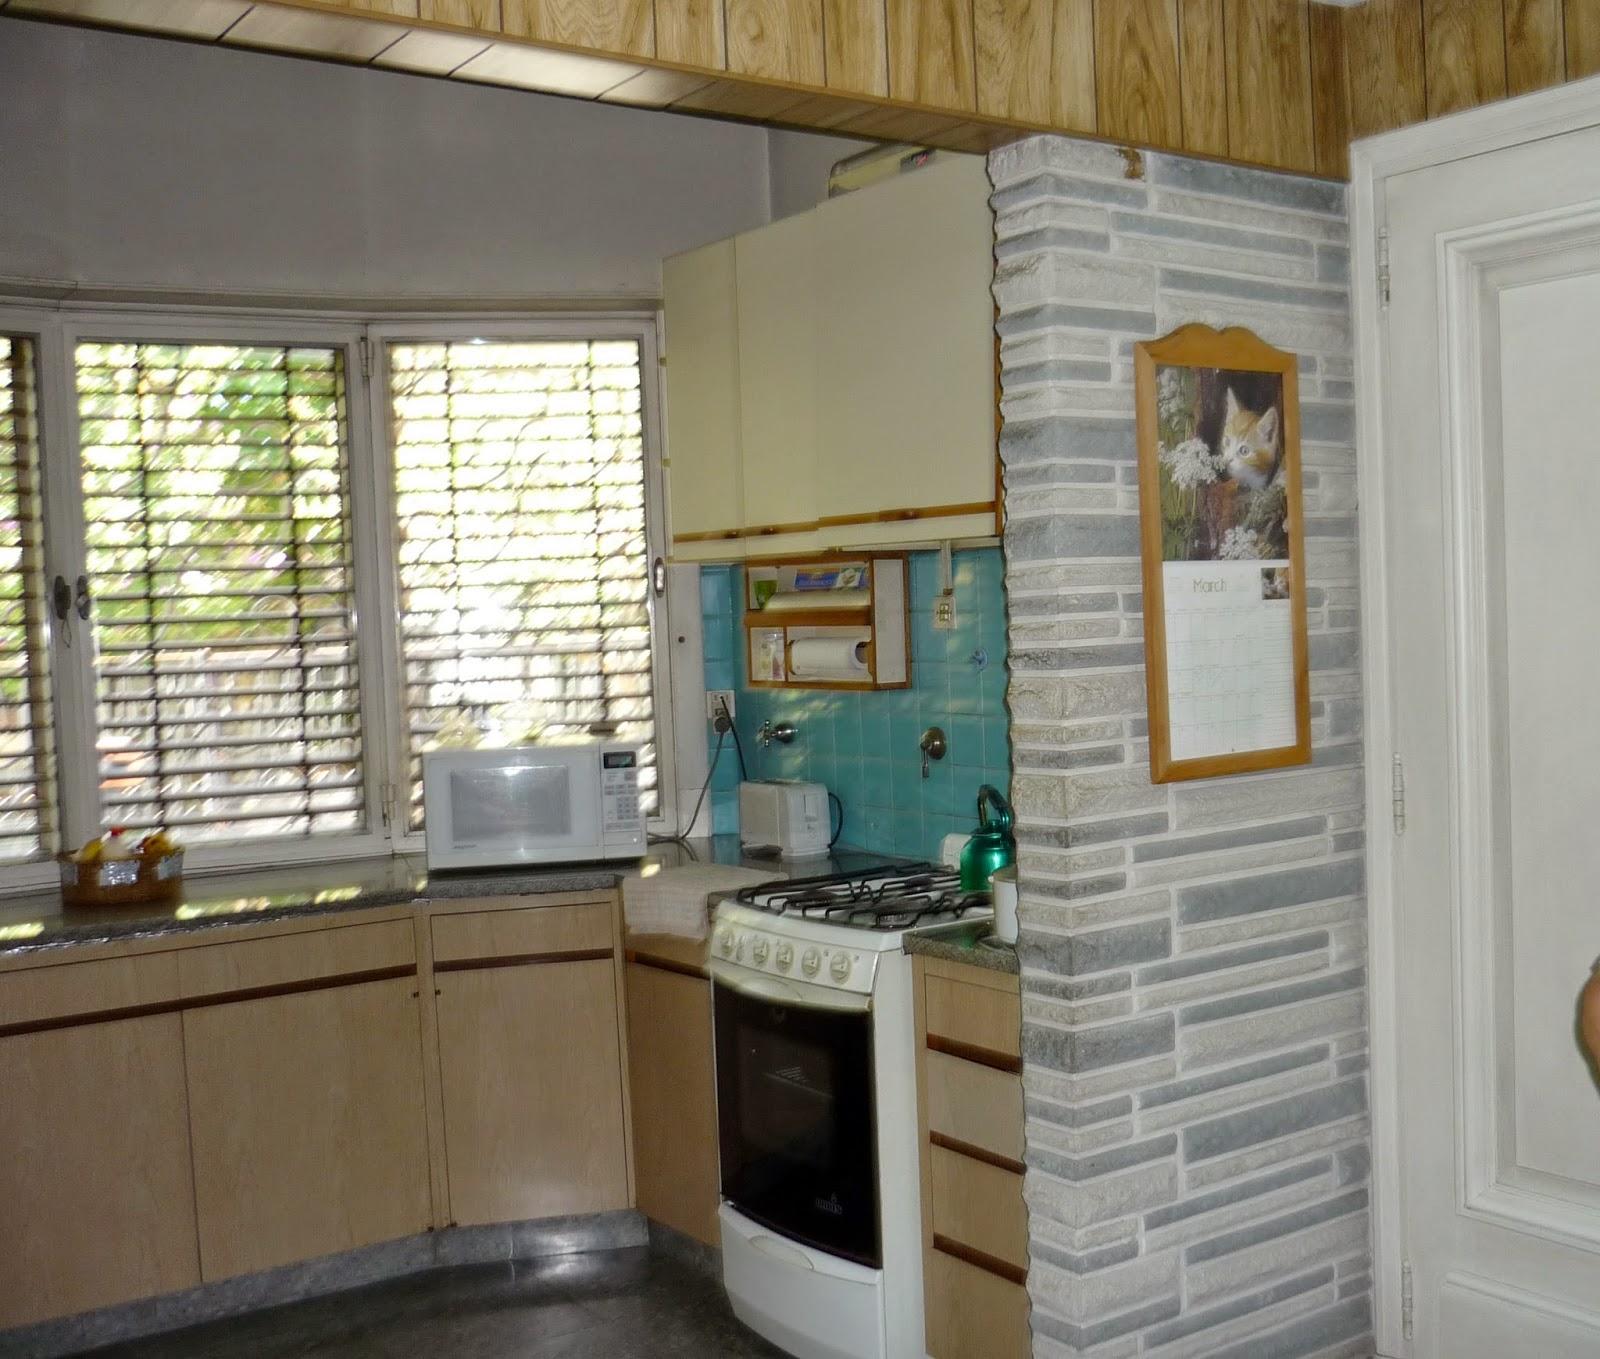 Reciclado de muebles de cocina ~ Disfruta Creando